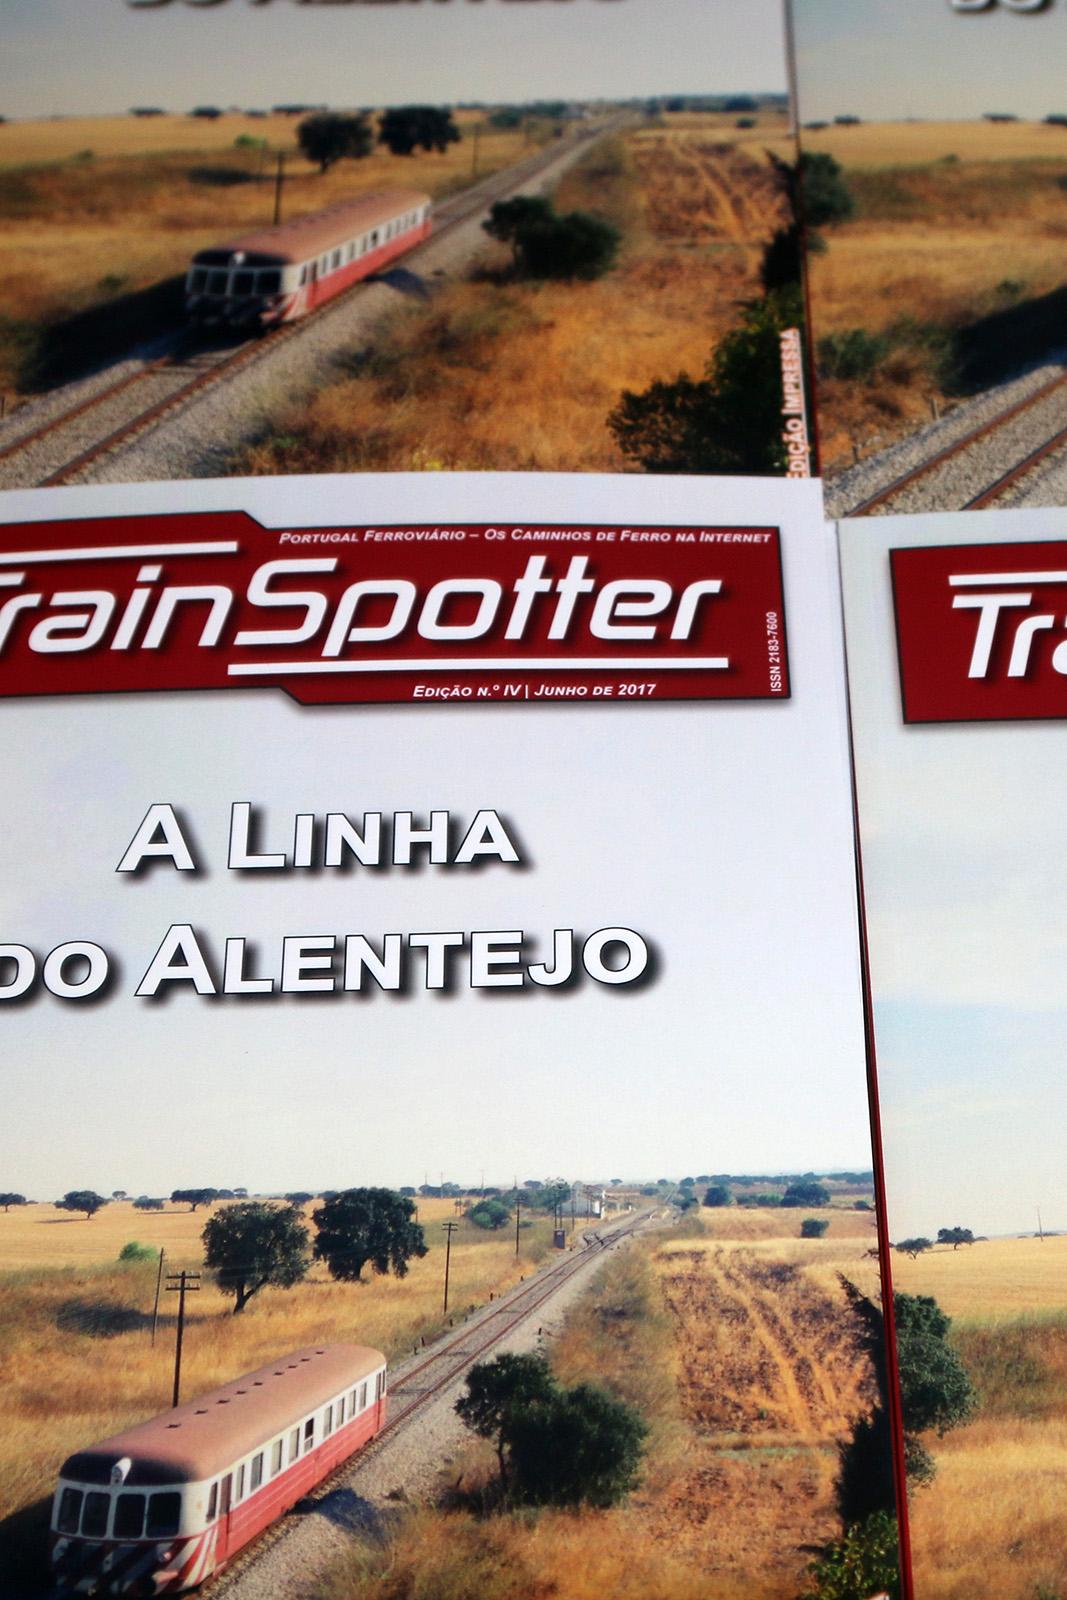 Trainspotter IV em distribuição